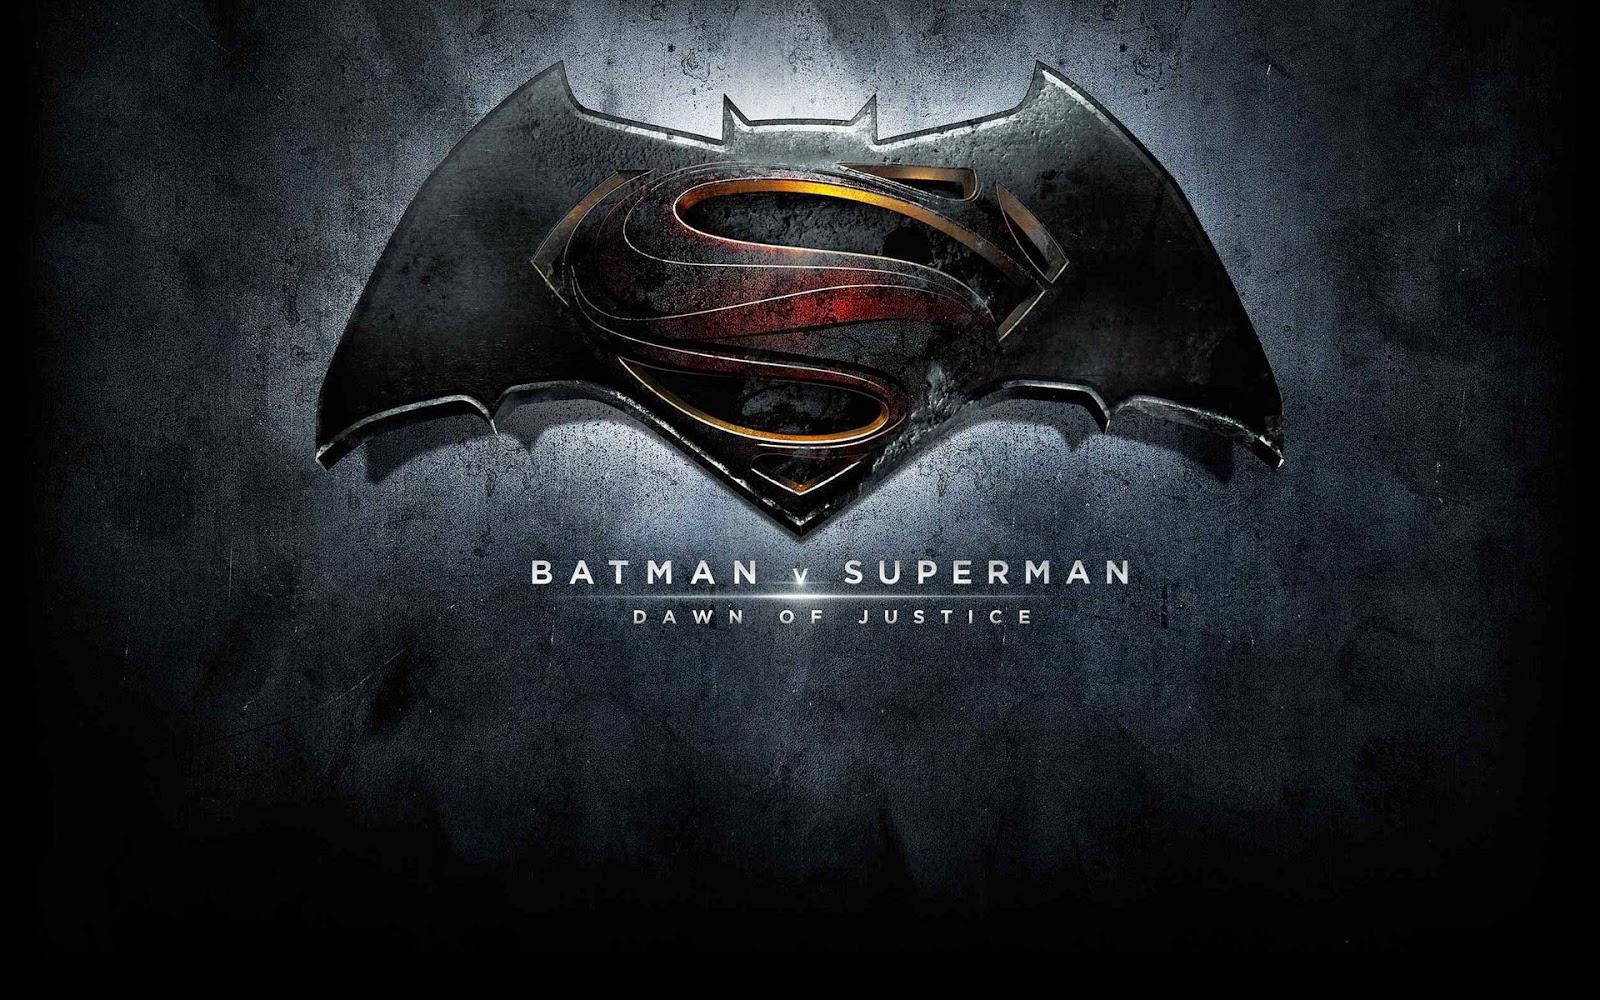 Batman vs Superman At the dawn of justice Logo Official Wallpaper 1600x1000